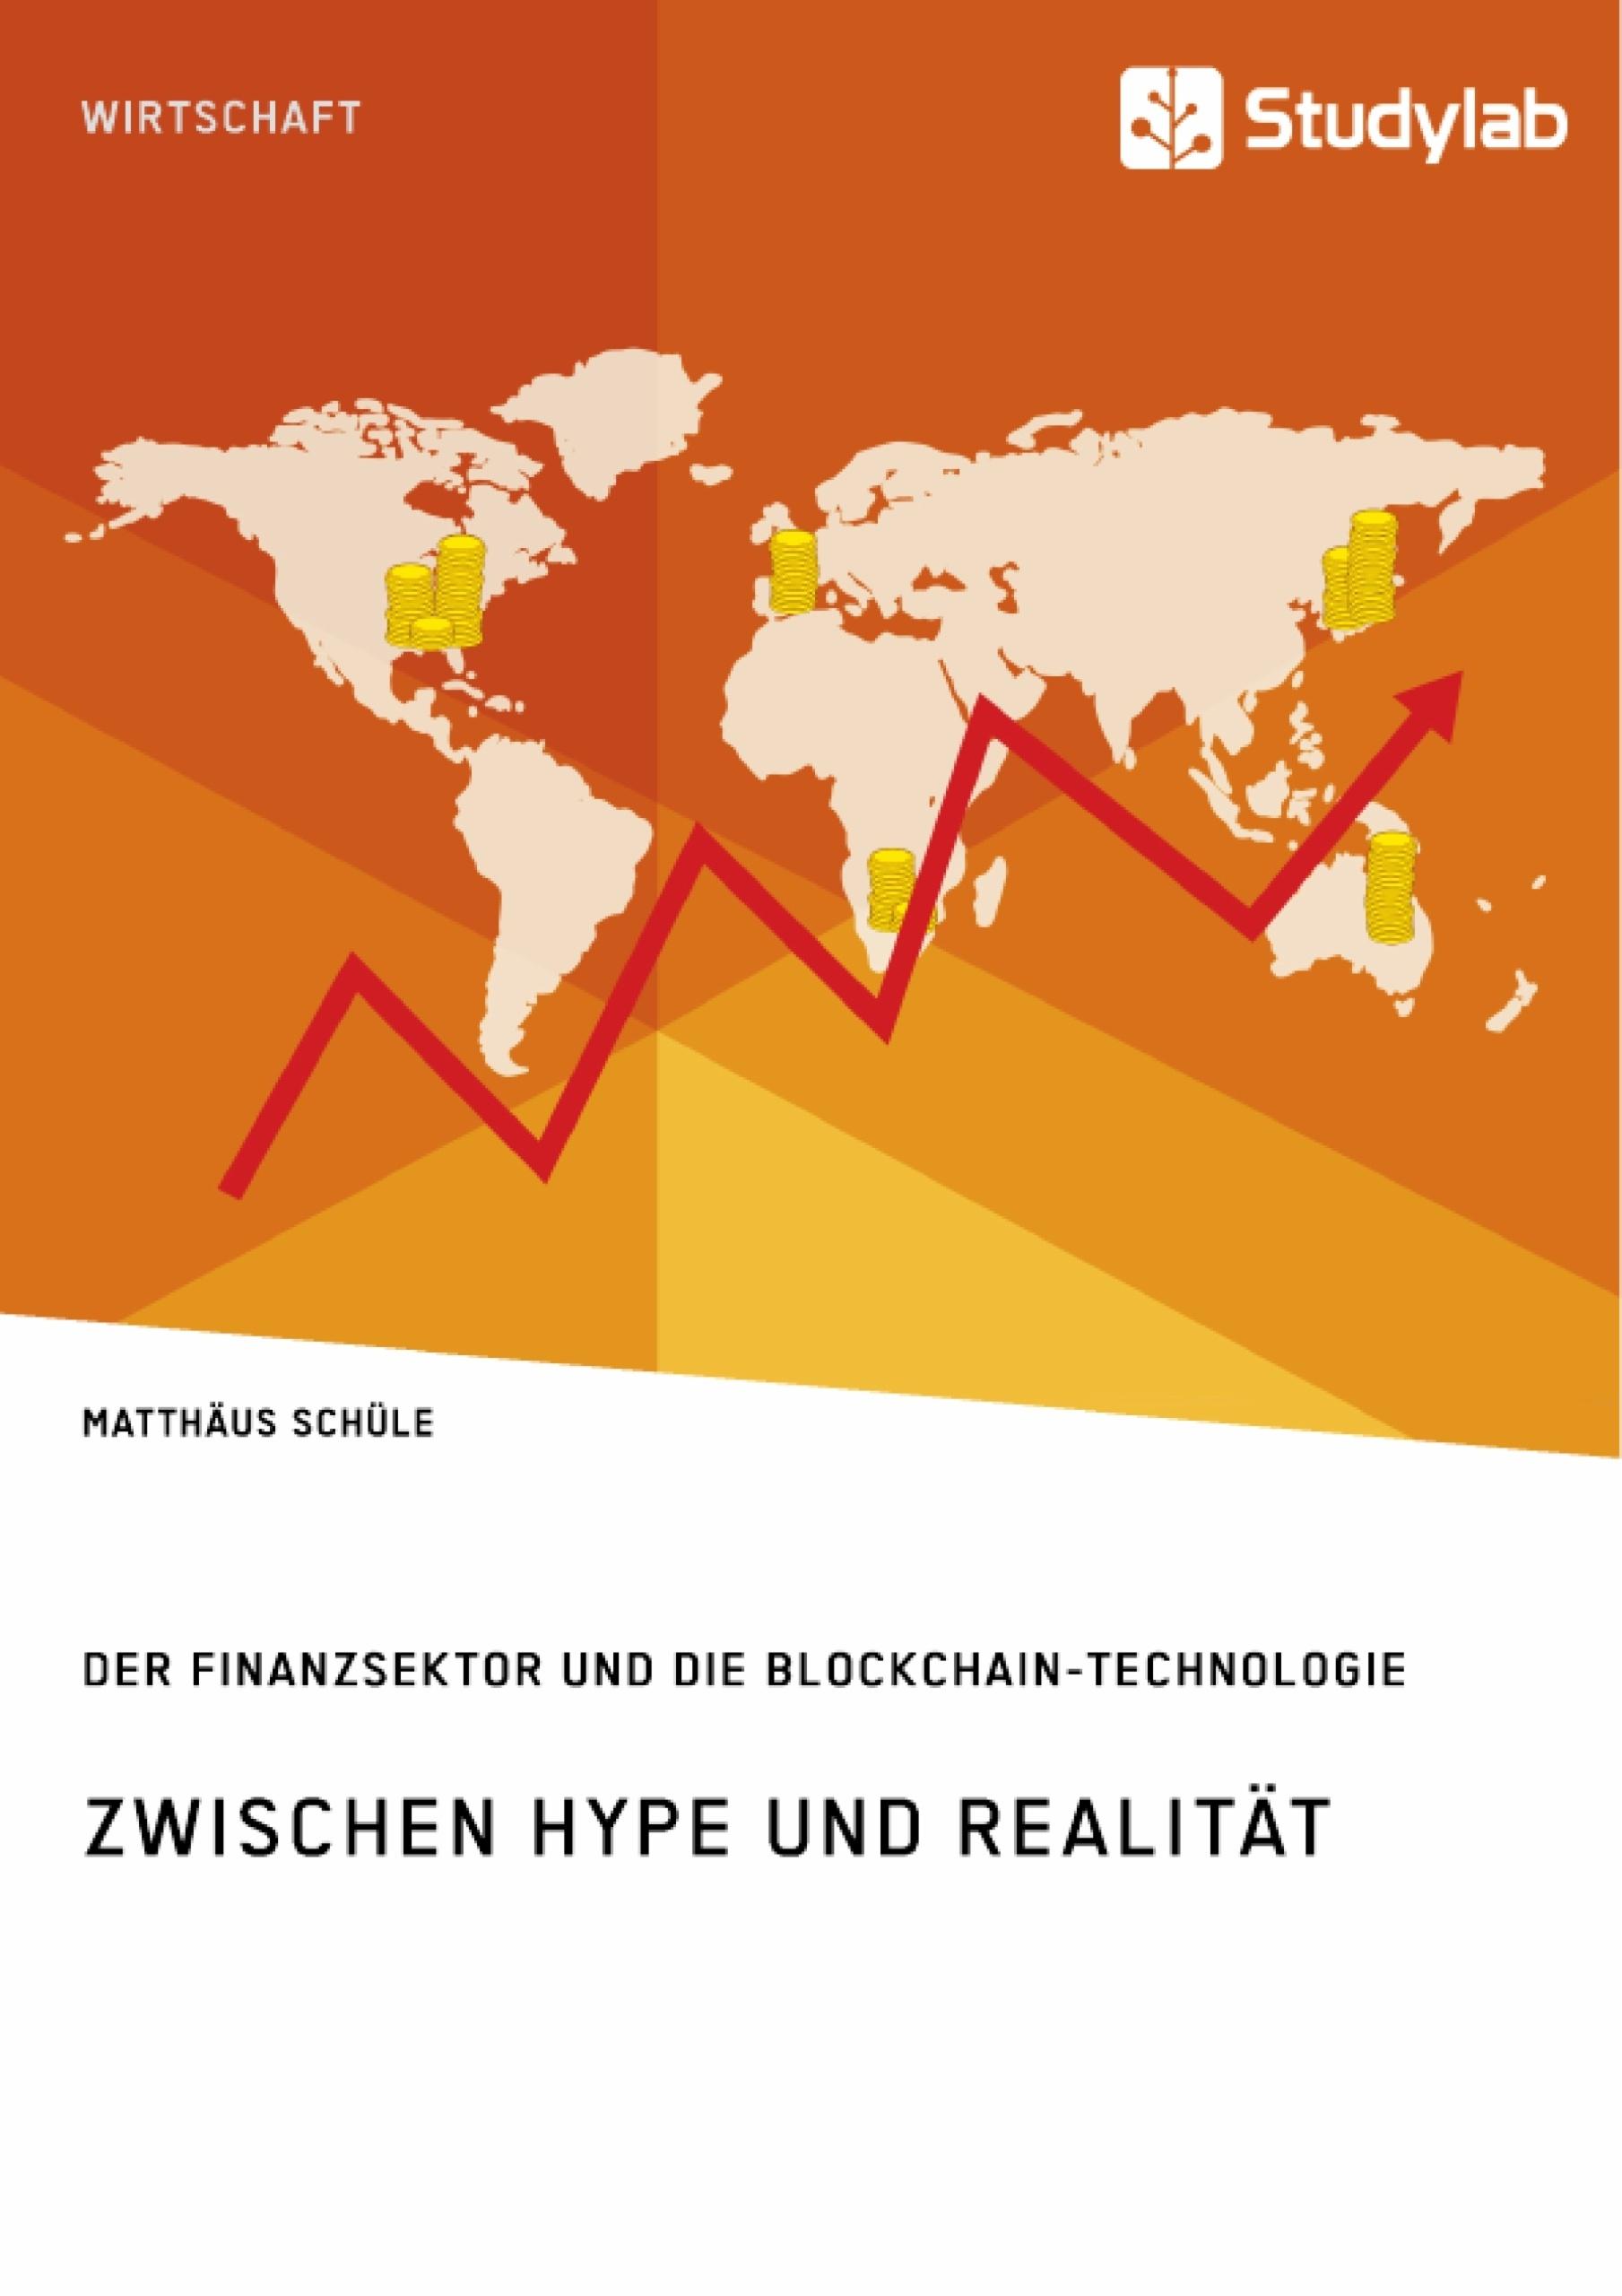 Titel: Zwischen Hype und Realität. Der Finanzsektor und die Blockchain-Technologie